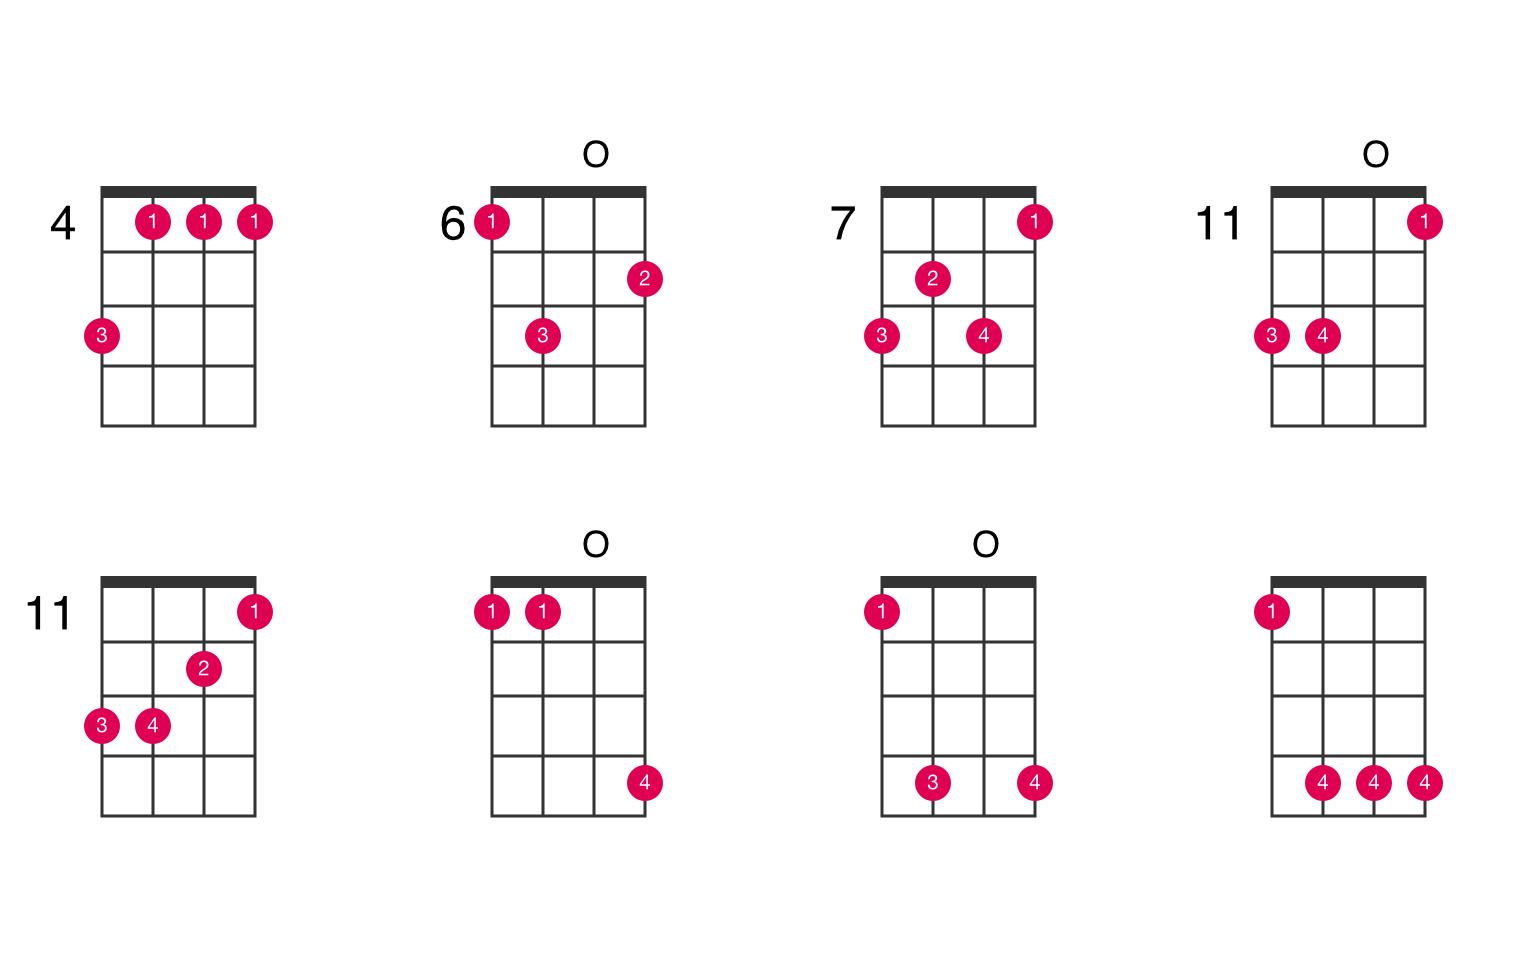 C sharp minor ukulele chord   UkeLib Chords